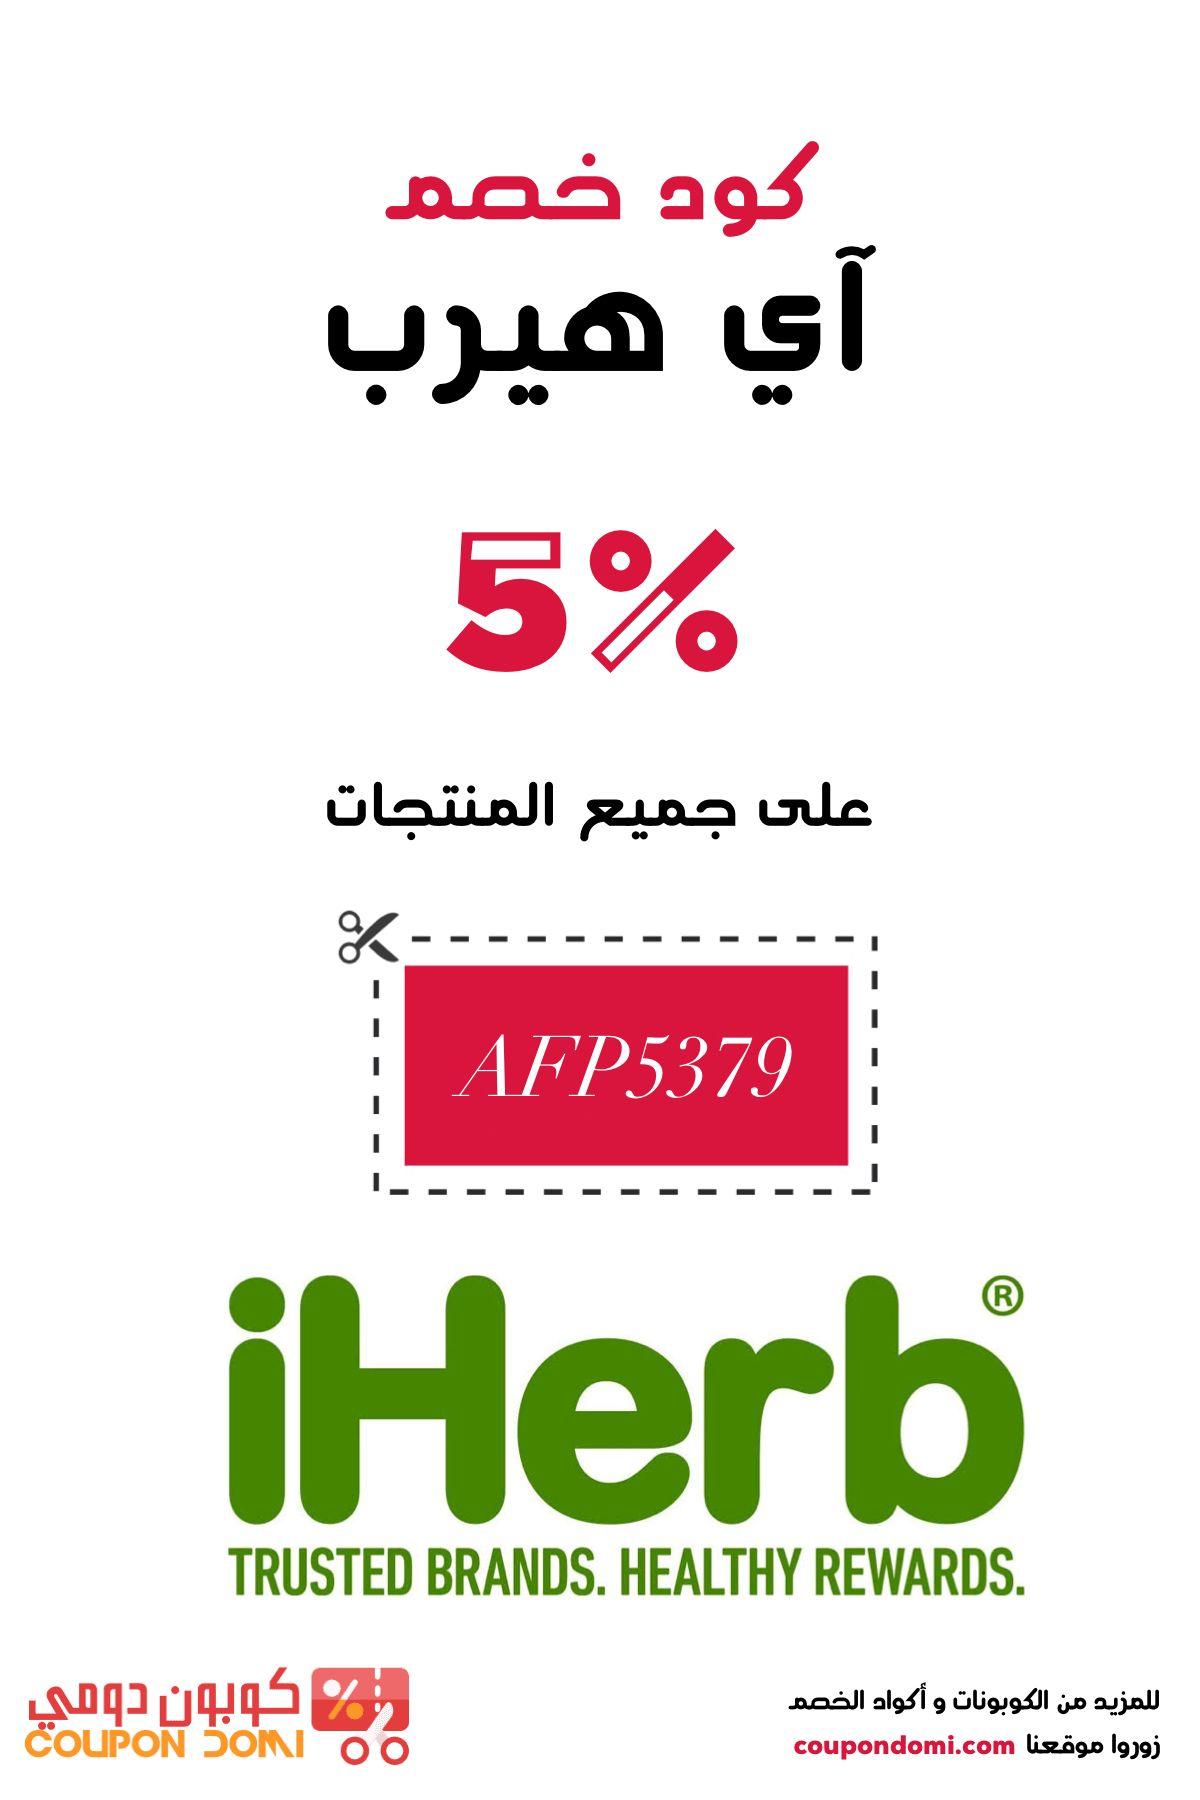 كود خصم اي هيرب 5 على جميع المشتريات من Iherb Trusted Brands Iherb